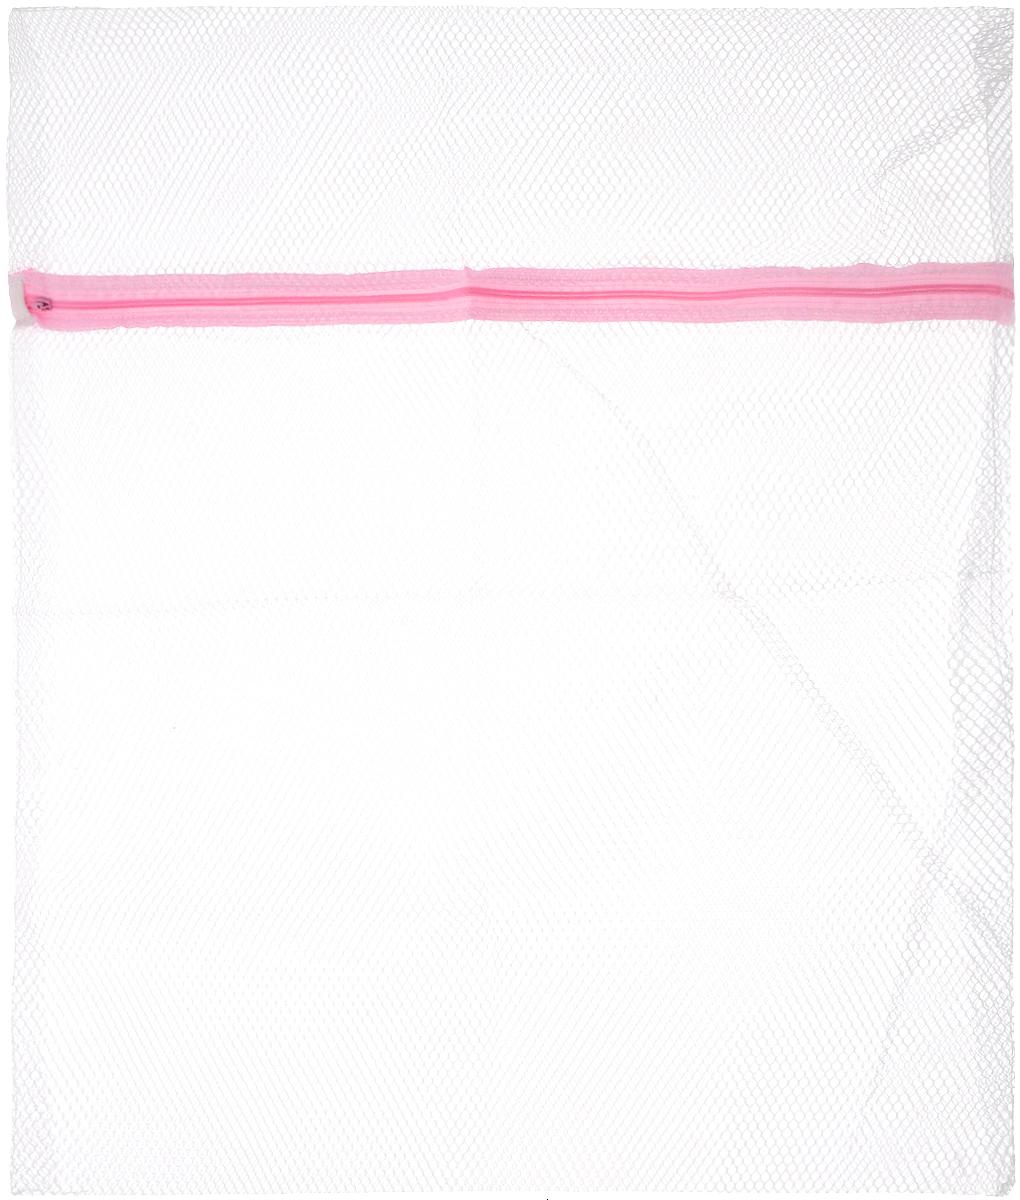 Мешок для стирки Bon, с застежкой, 56 х 50 смBN-402Мешок Bon предназначен для стирки вещей из деликатных тканей. Изготовлен из высококачественного материала. Имеет удобную и надежную застежку-молнию. Не окрашивает белье. Термостойкий мешок создан для бережной стирки, отжима, сушки деликатных и трикотажных изделий в стиральной машине. Предохраняет от зацепок и растягивания, исключает попадание мелких вещей и элементов одежды в механизм машины.